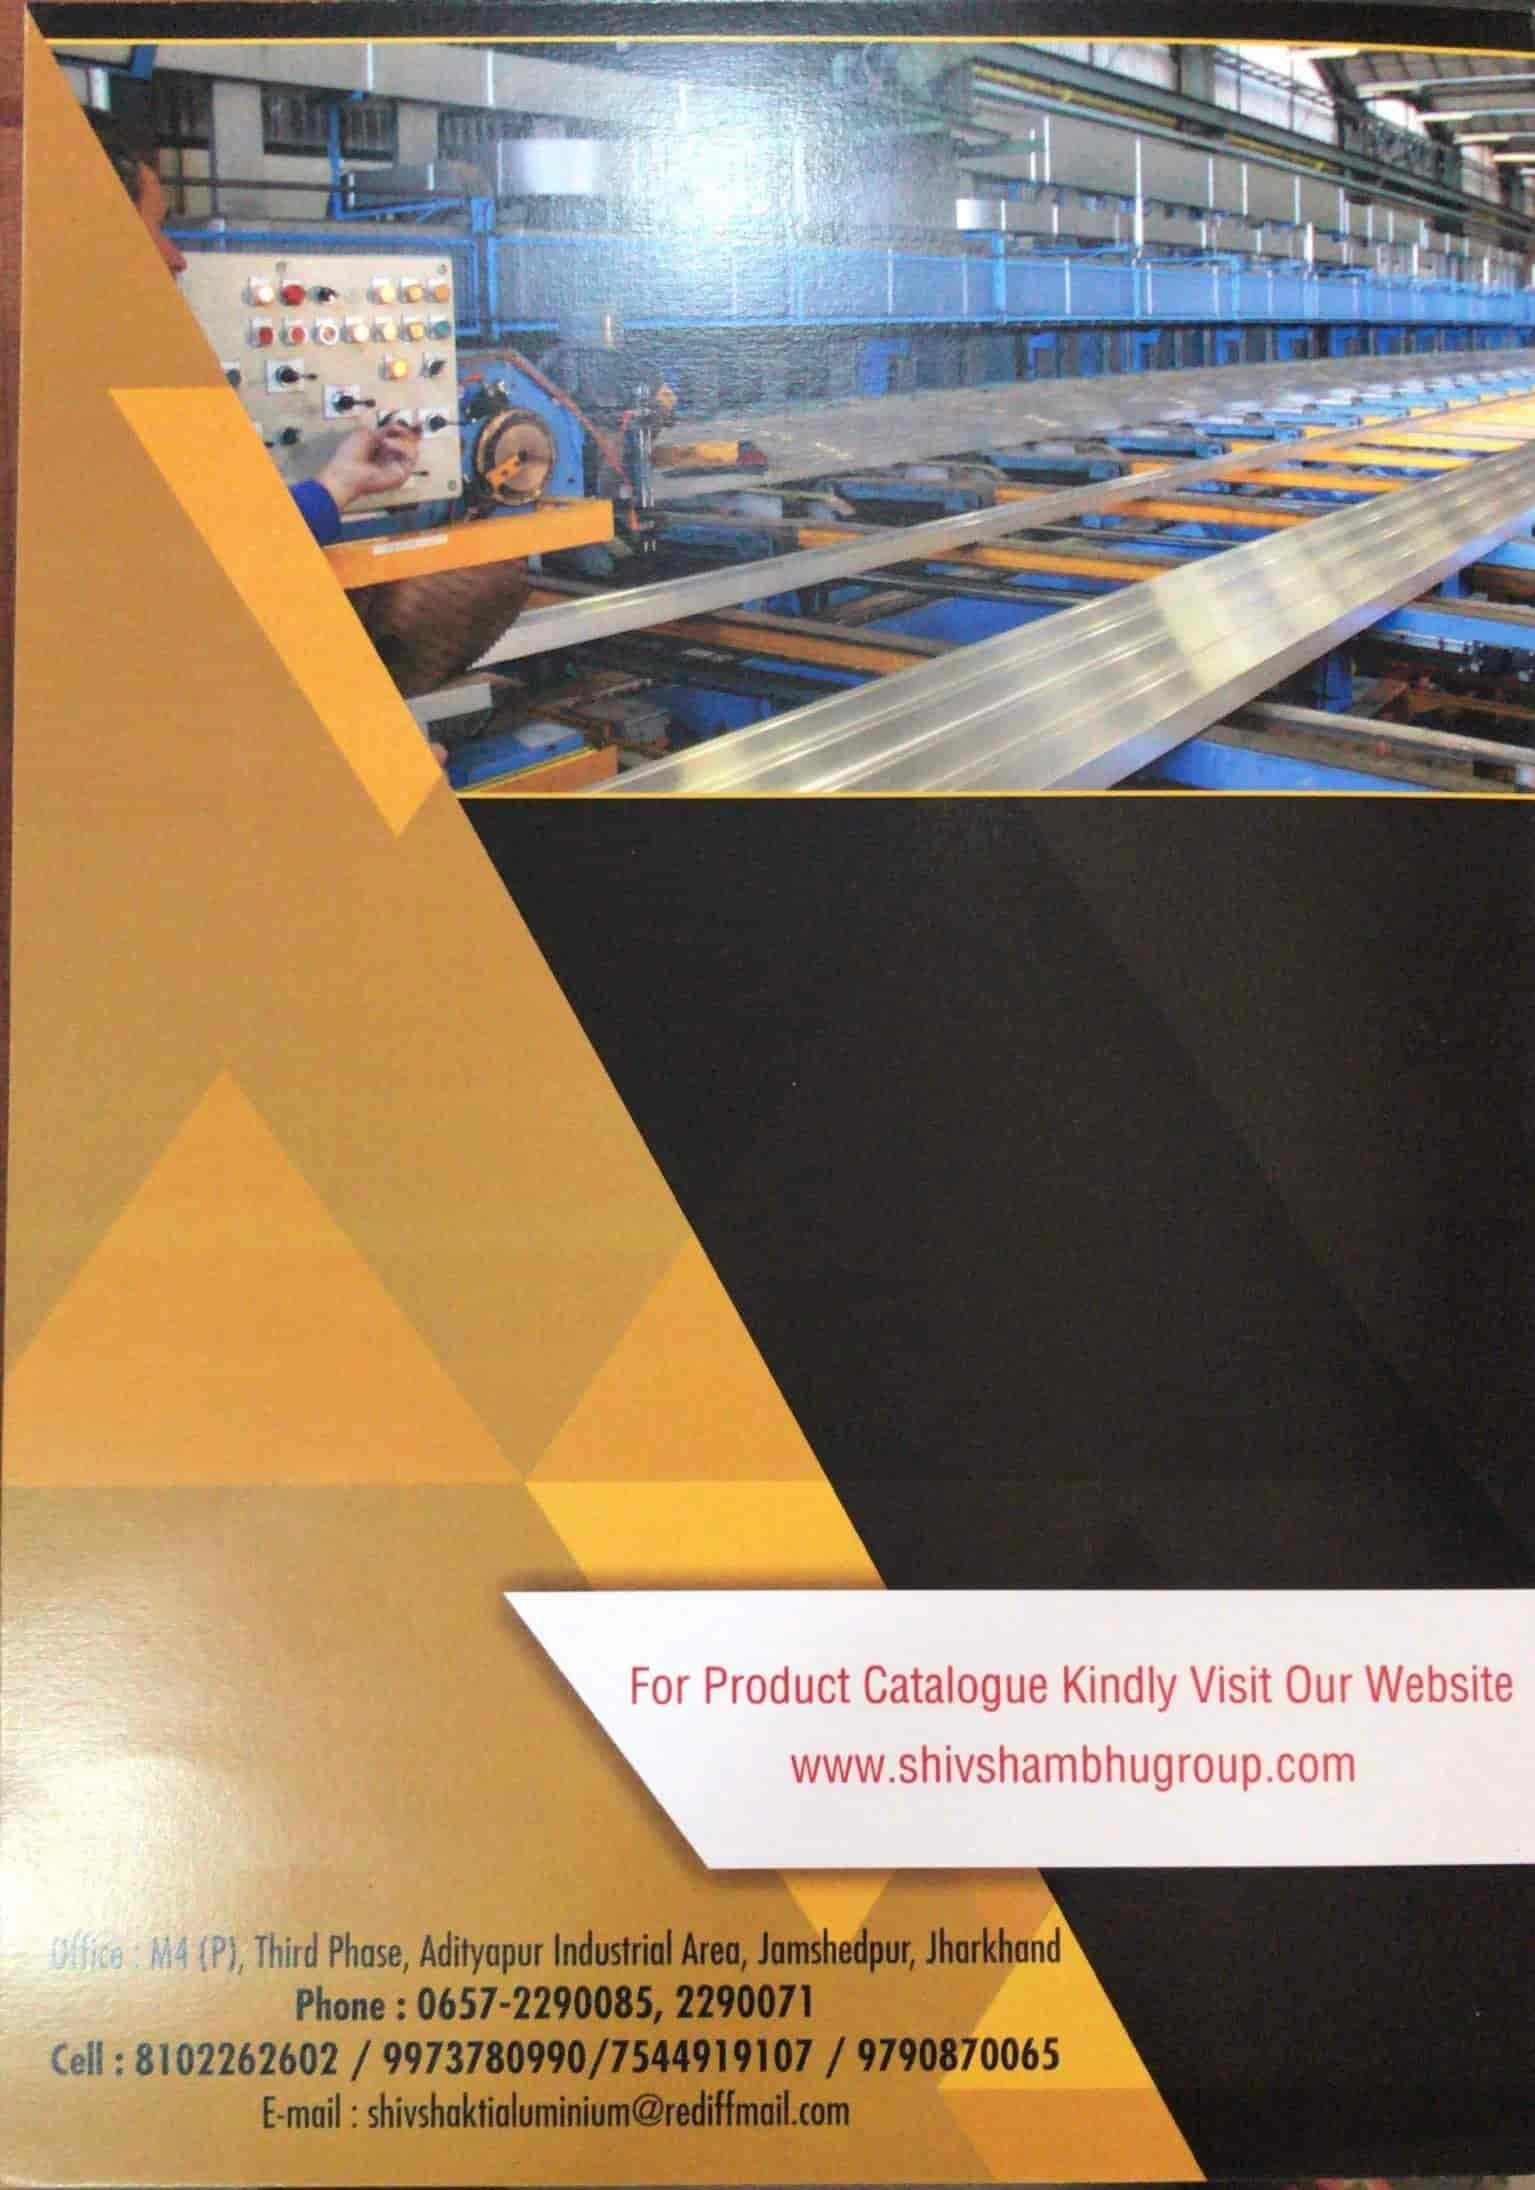 Shiv Shakti Aluminium Extrusion Pvt Ltd, Adityapur